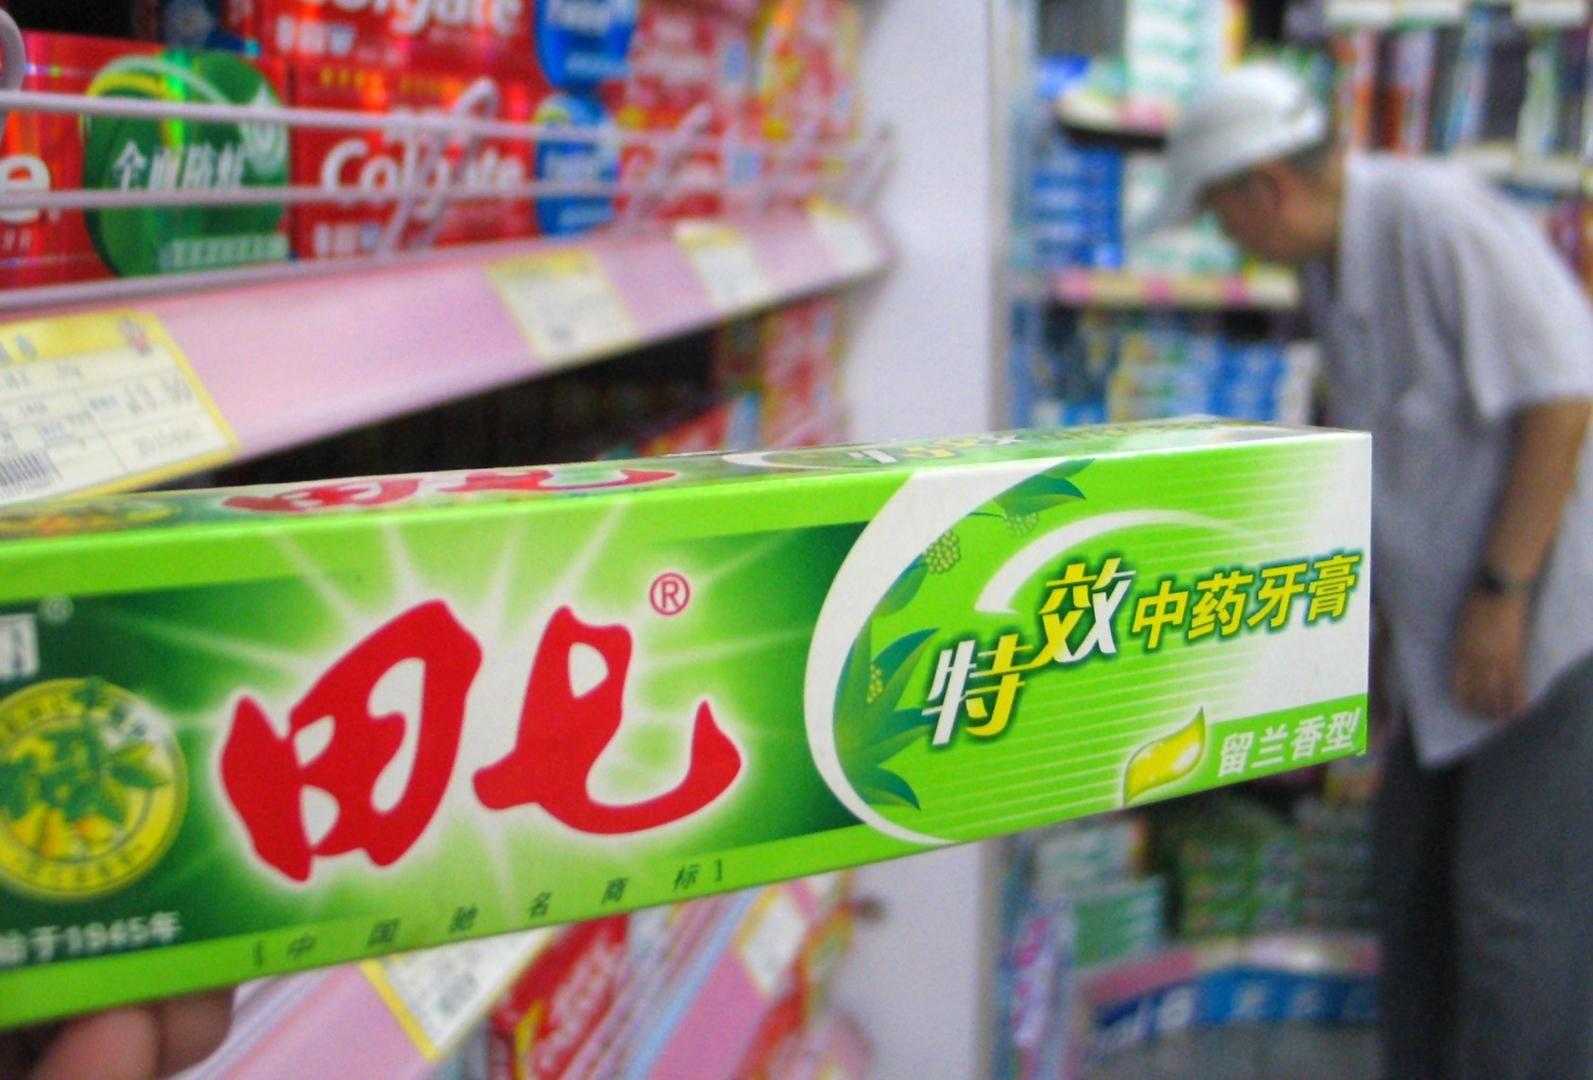 国产牙膏品牌生存难:有的被拍卖 有的已连亏13年